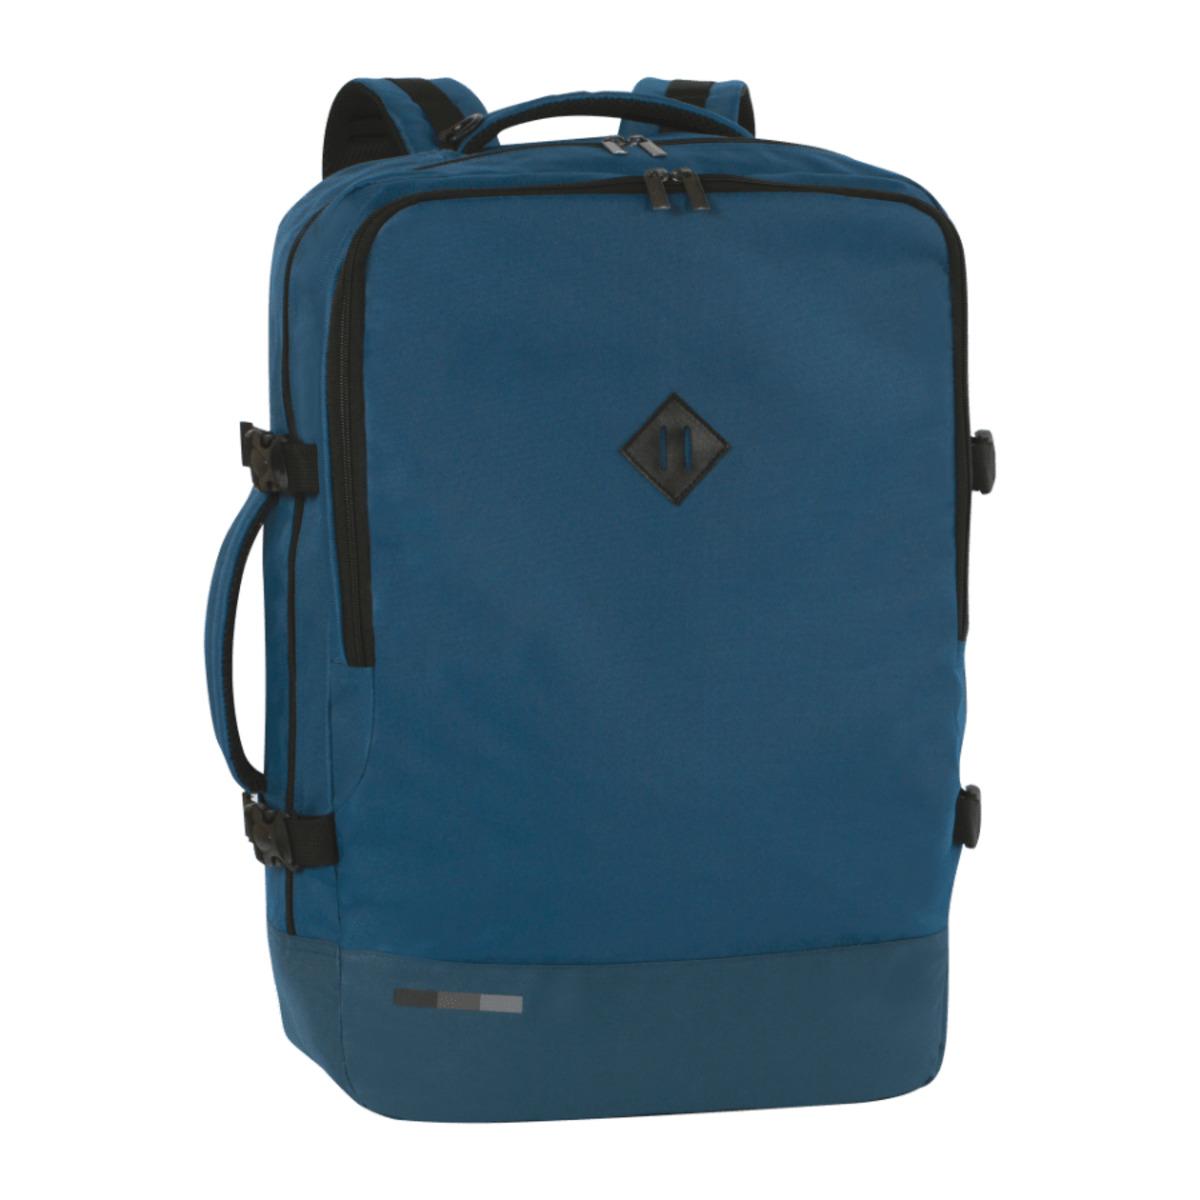 Bild 2 von ROYAL LIFE     Handgepäck-Rucksack